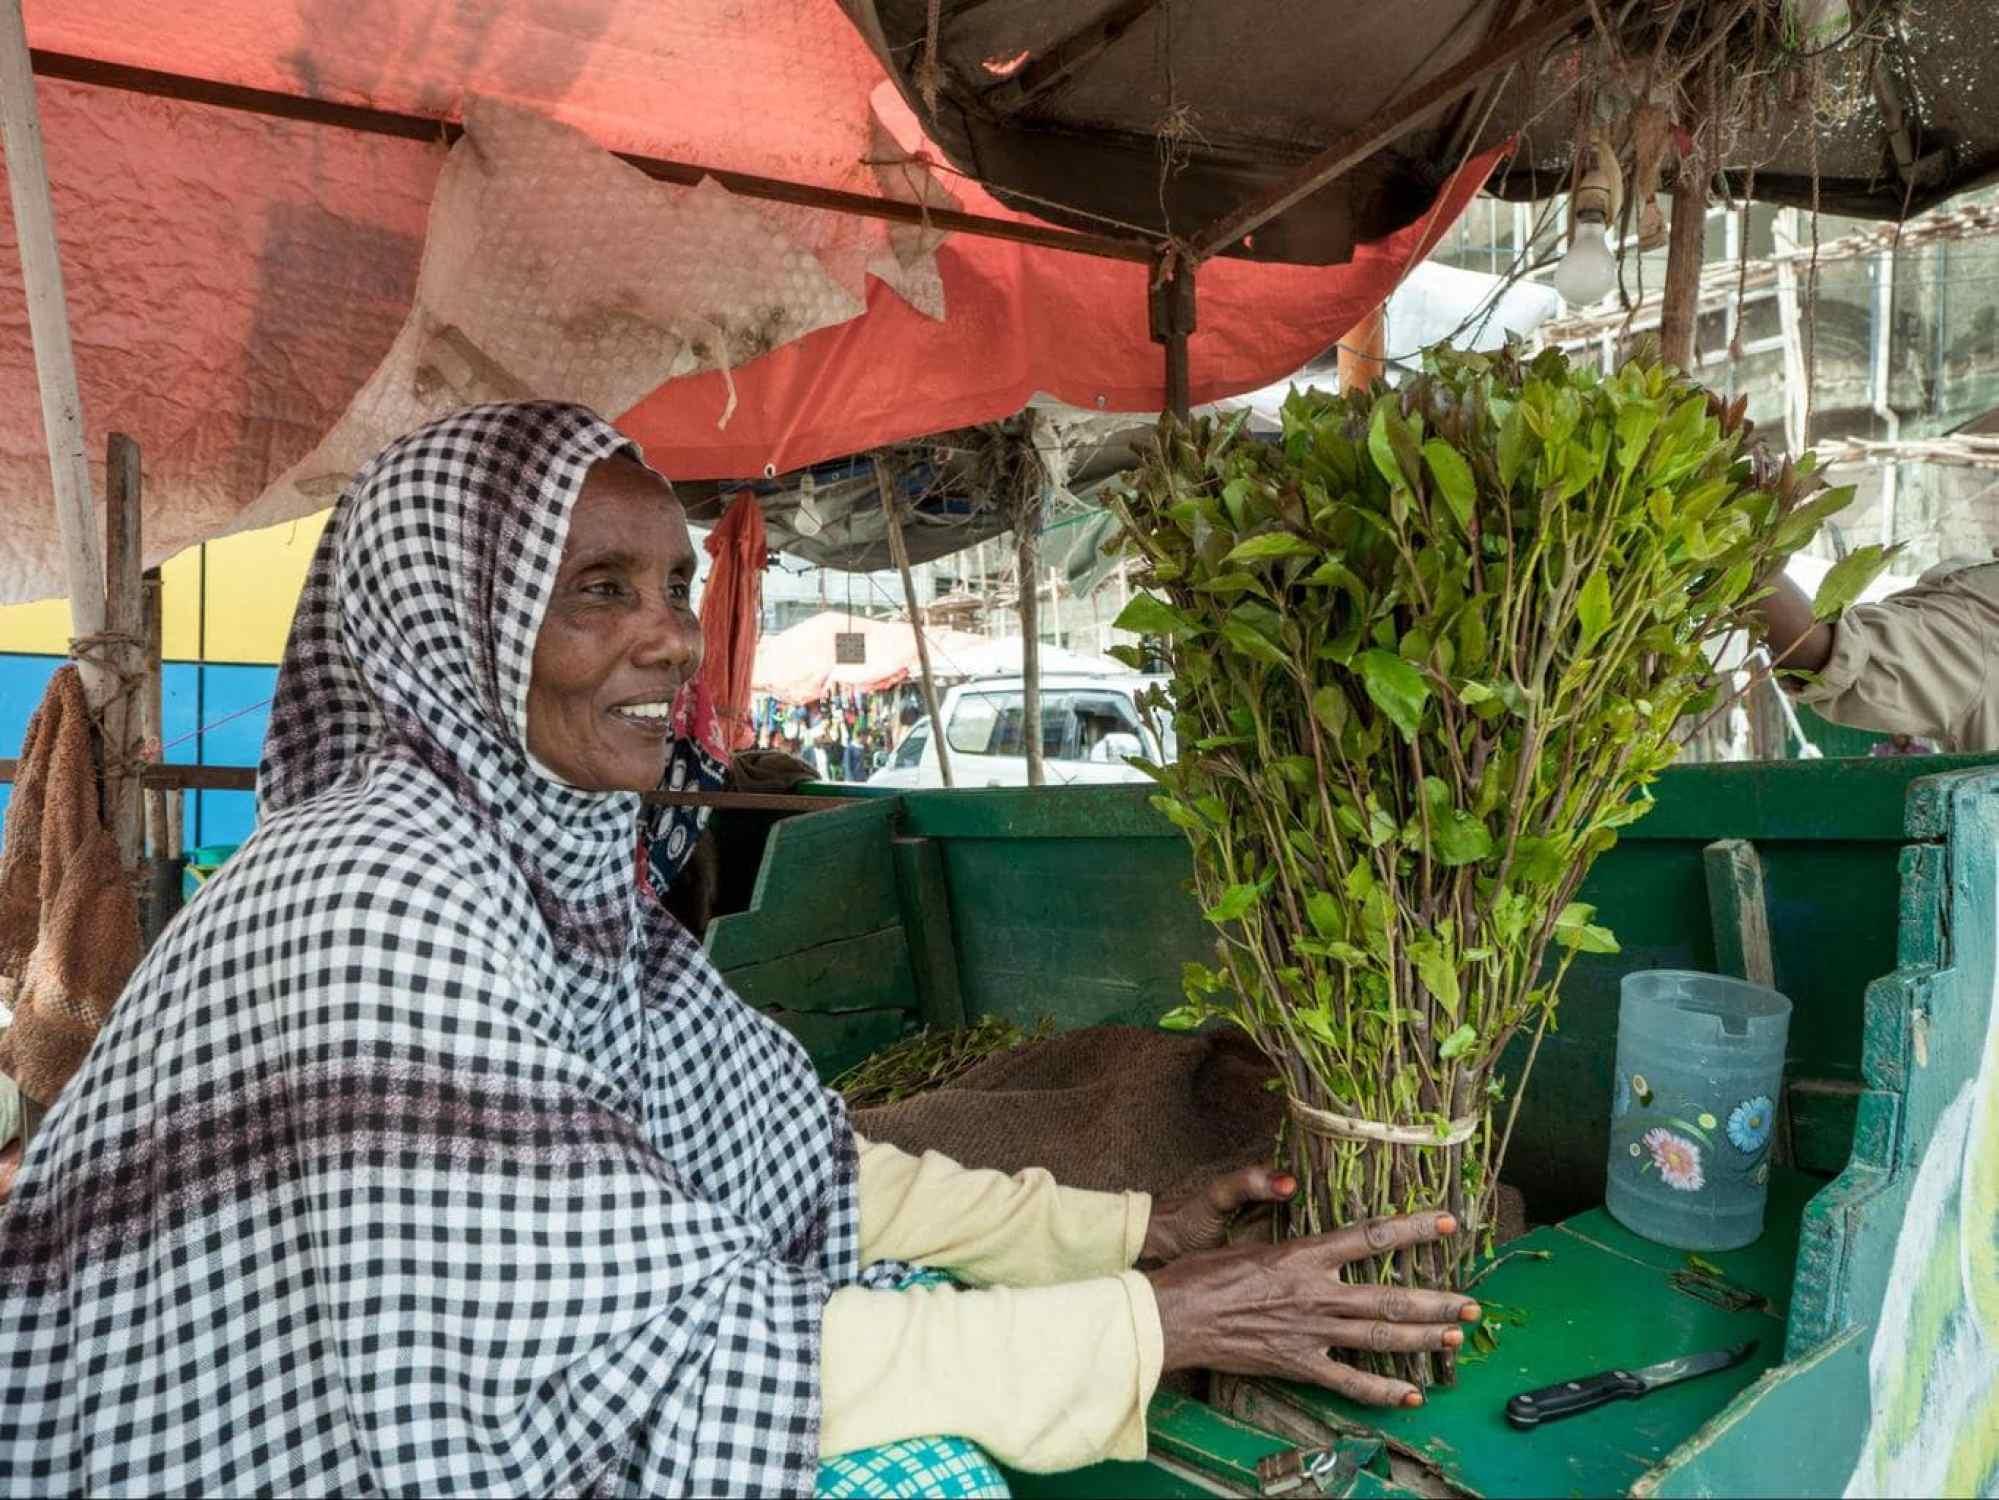 Khat seller in Hargeisa